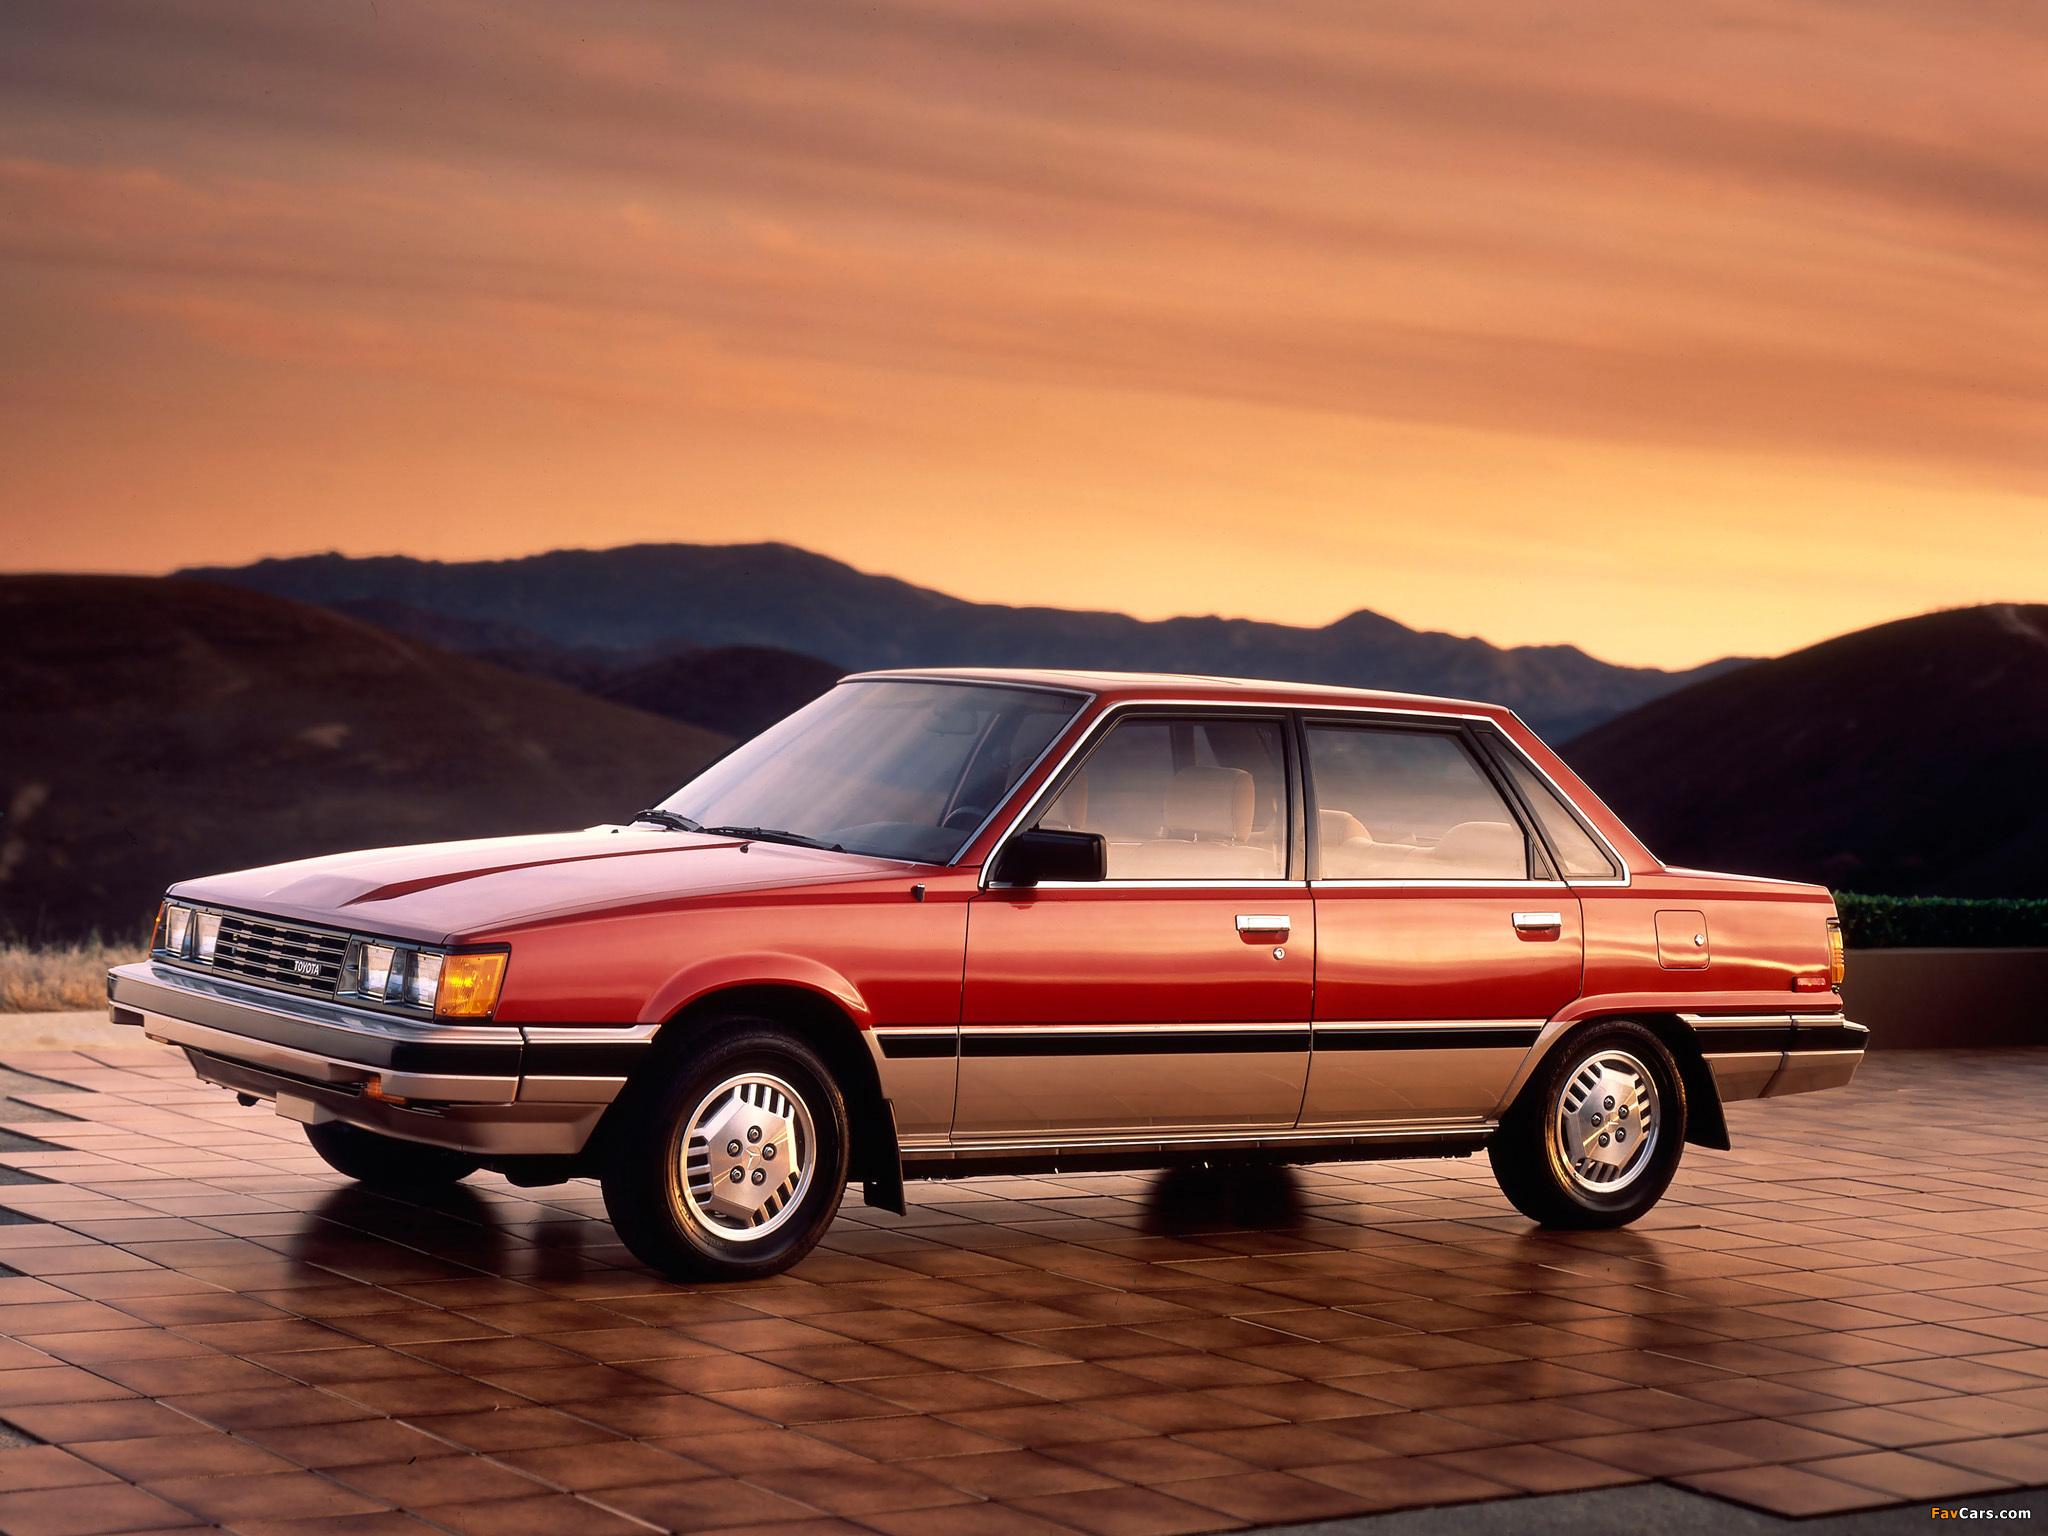 Toyota Camry Us Spec V10 1982 84 Photos 2048x1536